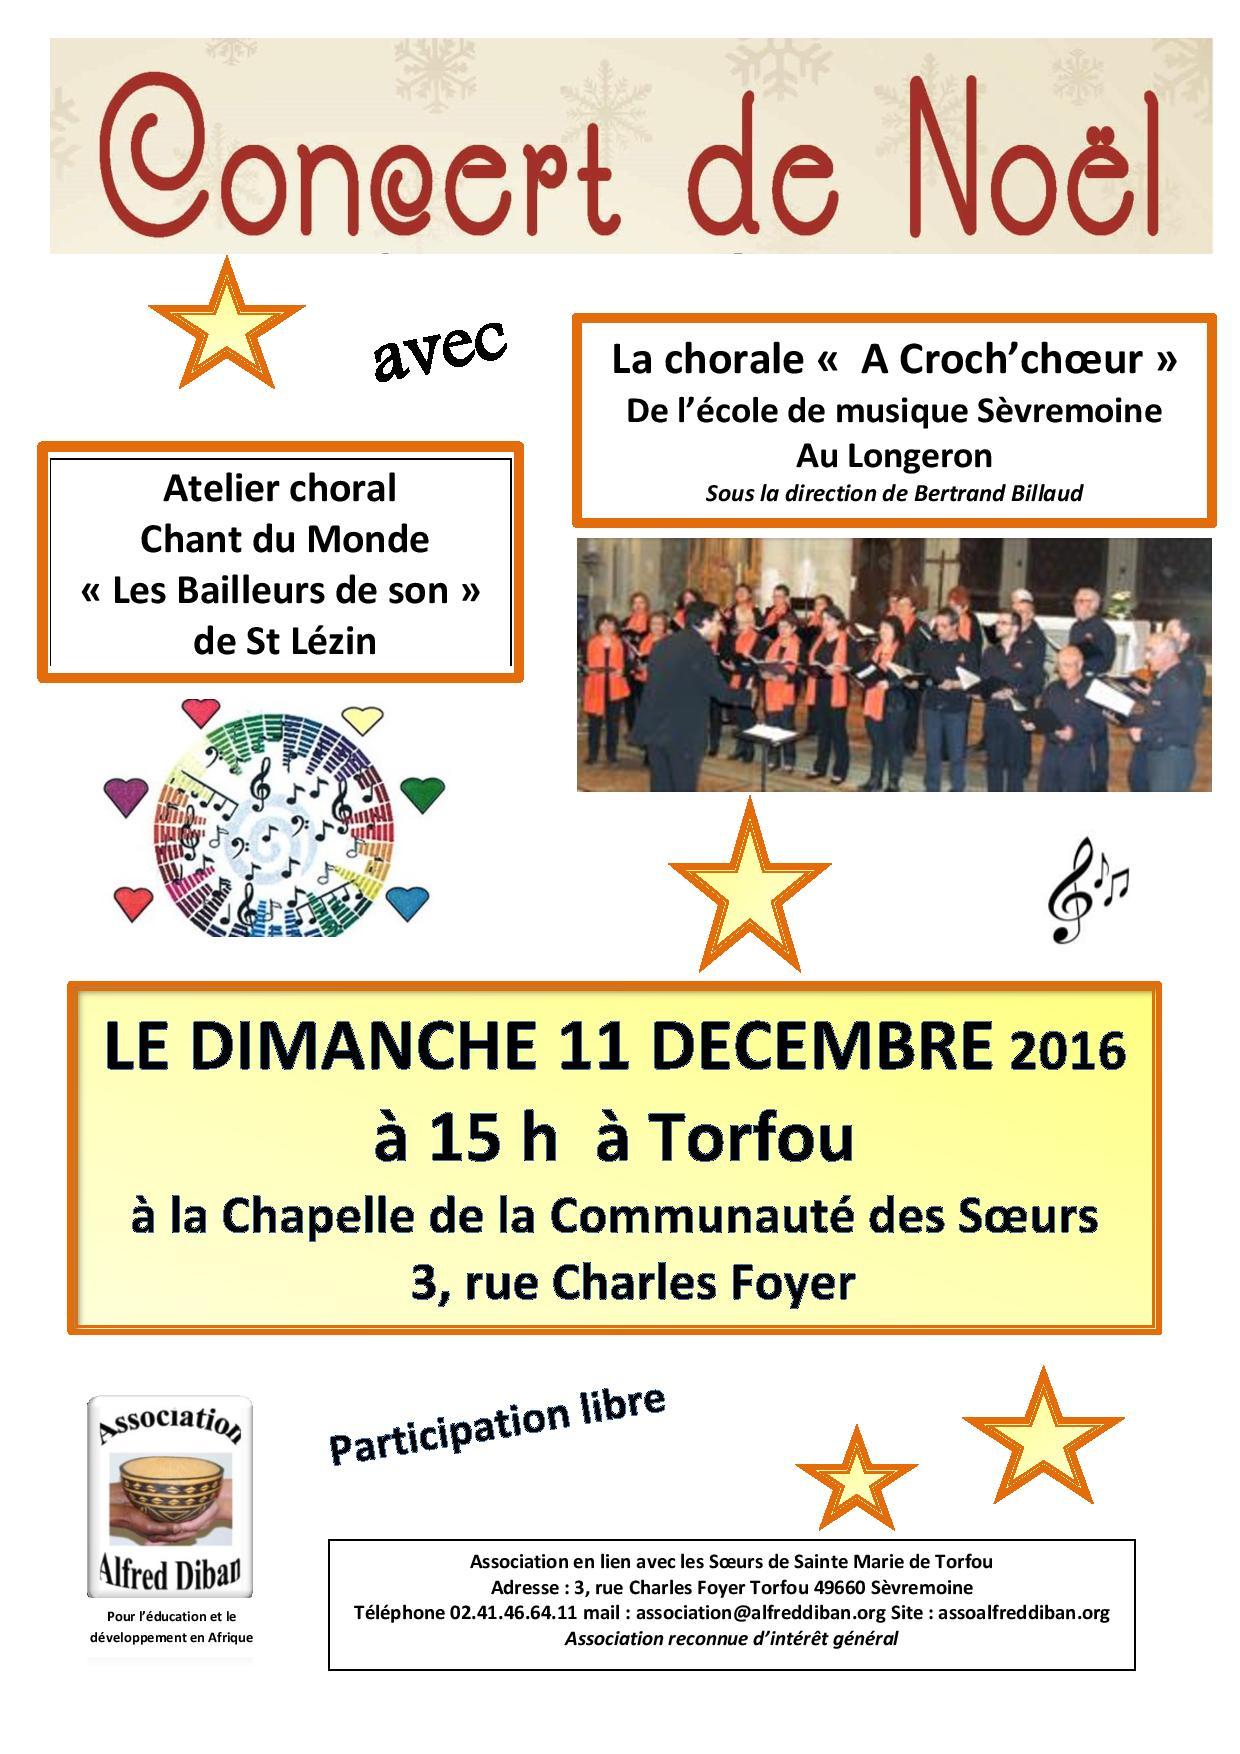 affiche-4-definitive-concert-de-noel-2016-page-001